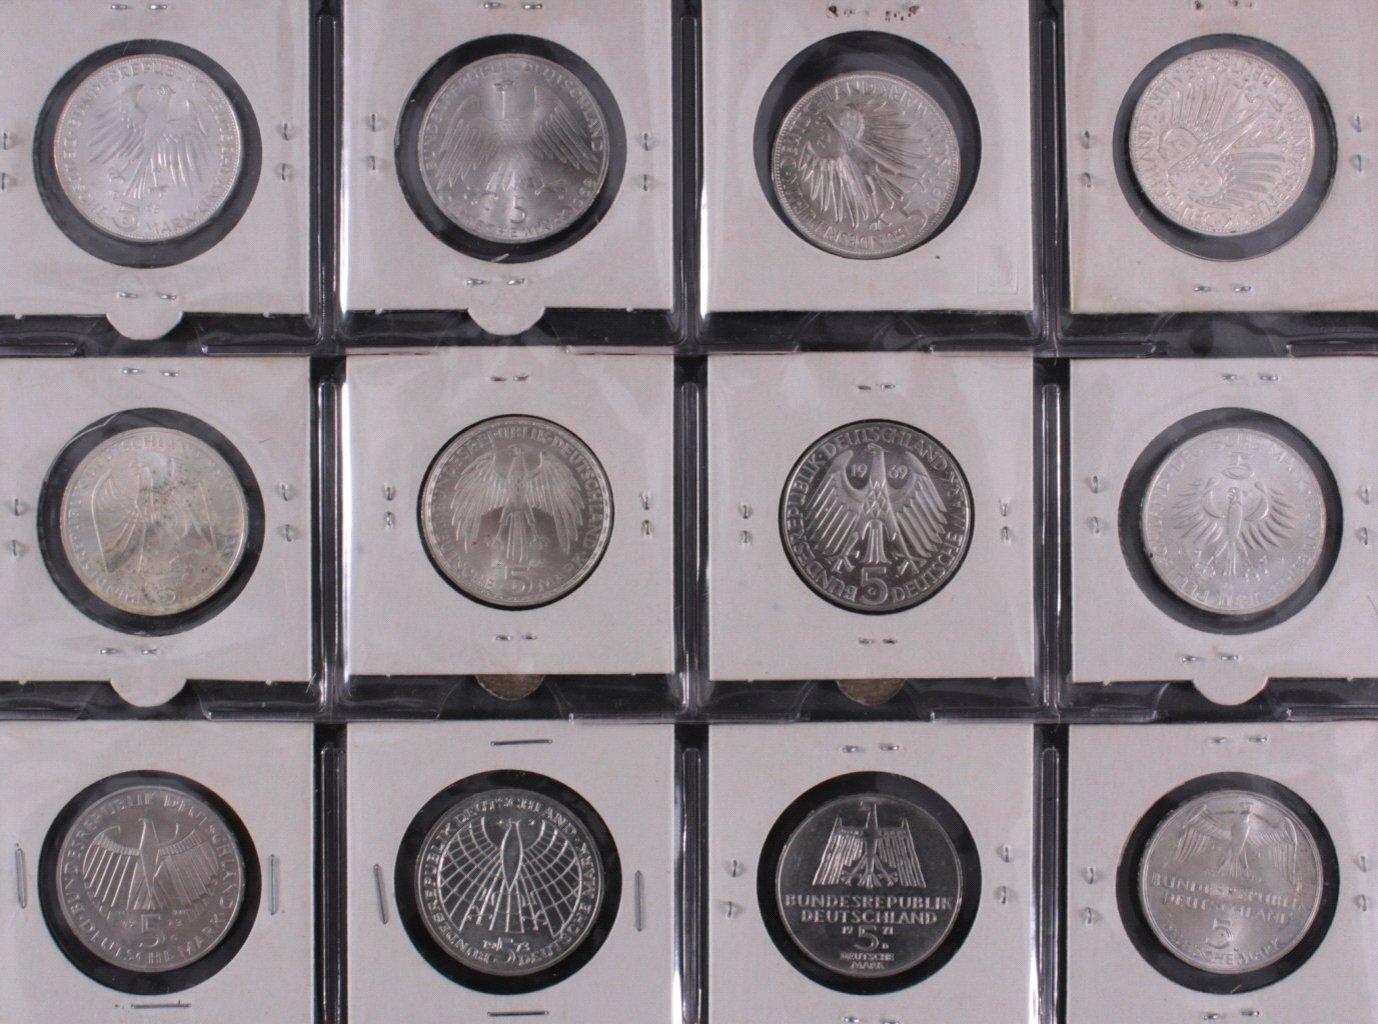 Kleine Sammlung 5 DM Münzen-9